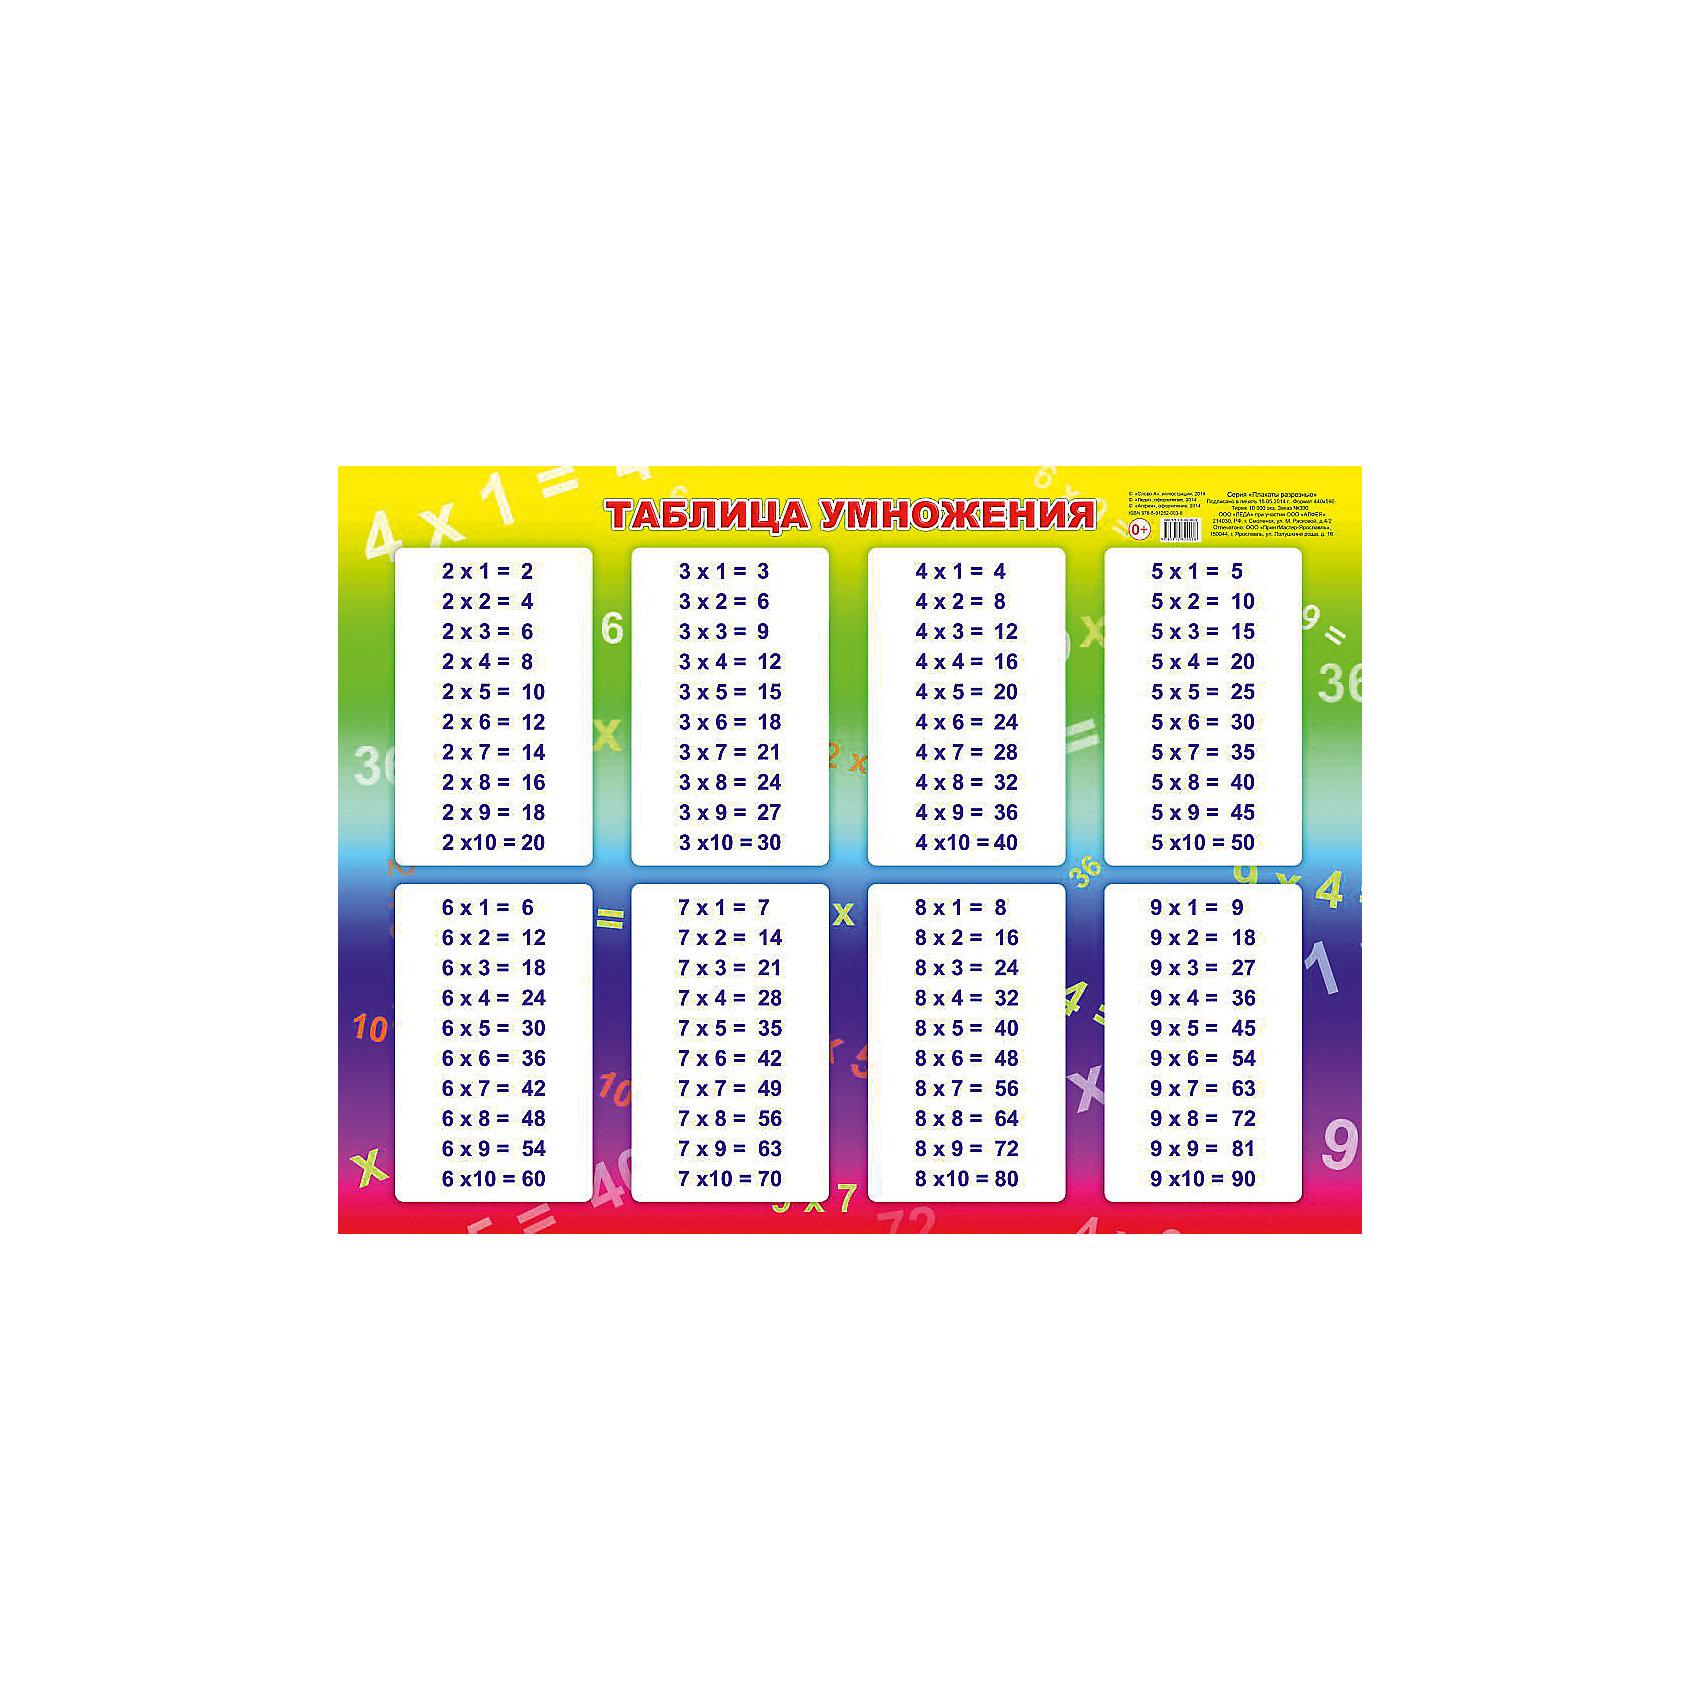 Плакат Таблица умноженияПлакат Таблица умножения – это образовательный плакат для детей.<br>Плакат Таблица умножения – это наглядное пособие для запоминания таблицы умножения. Плакат поможет школьникам лучше запомнить, выученный ранее материал.<br><br>Дополнительная информация:<br><br>- Иллюстрации: цветные<br>- Материал: картон<br>- Издательство: Слово А, Алфея, Леда<br>- Серия: Плакаты разрезные<br>- Размер: 44х59 см.<br><br>Плакат Таблица умножения можно купить в нашем интернет-магазине.<br><br>Ширина мм: 440<br>Глубина мм: 2<br>Высота мм: 590<br>Вес г: 50<br>Возраст от месяцев: 12<br>Возраст до месяцев: 48<br>Пол: Унисекс<br>Возраст: Детский<br>SKU: 4591099